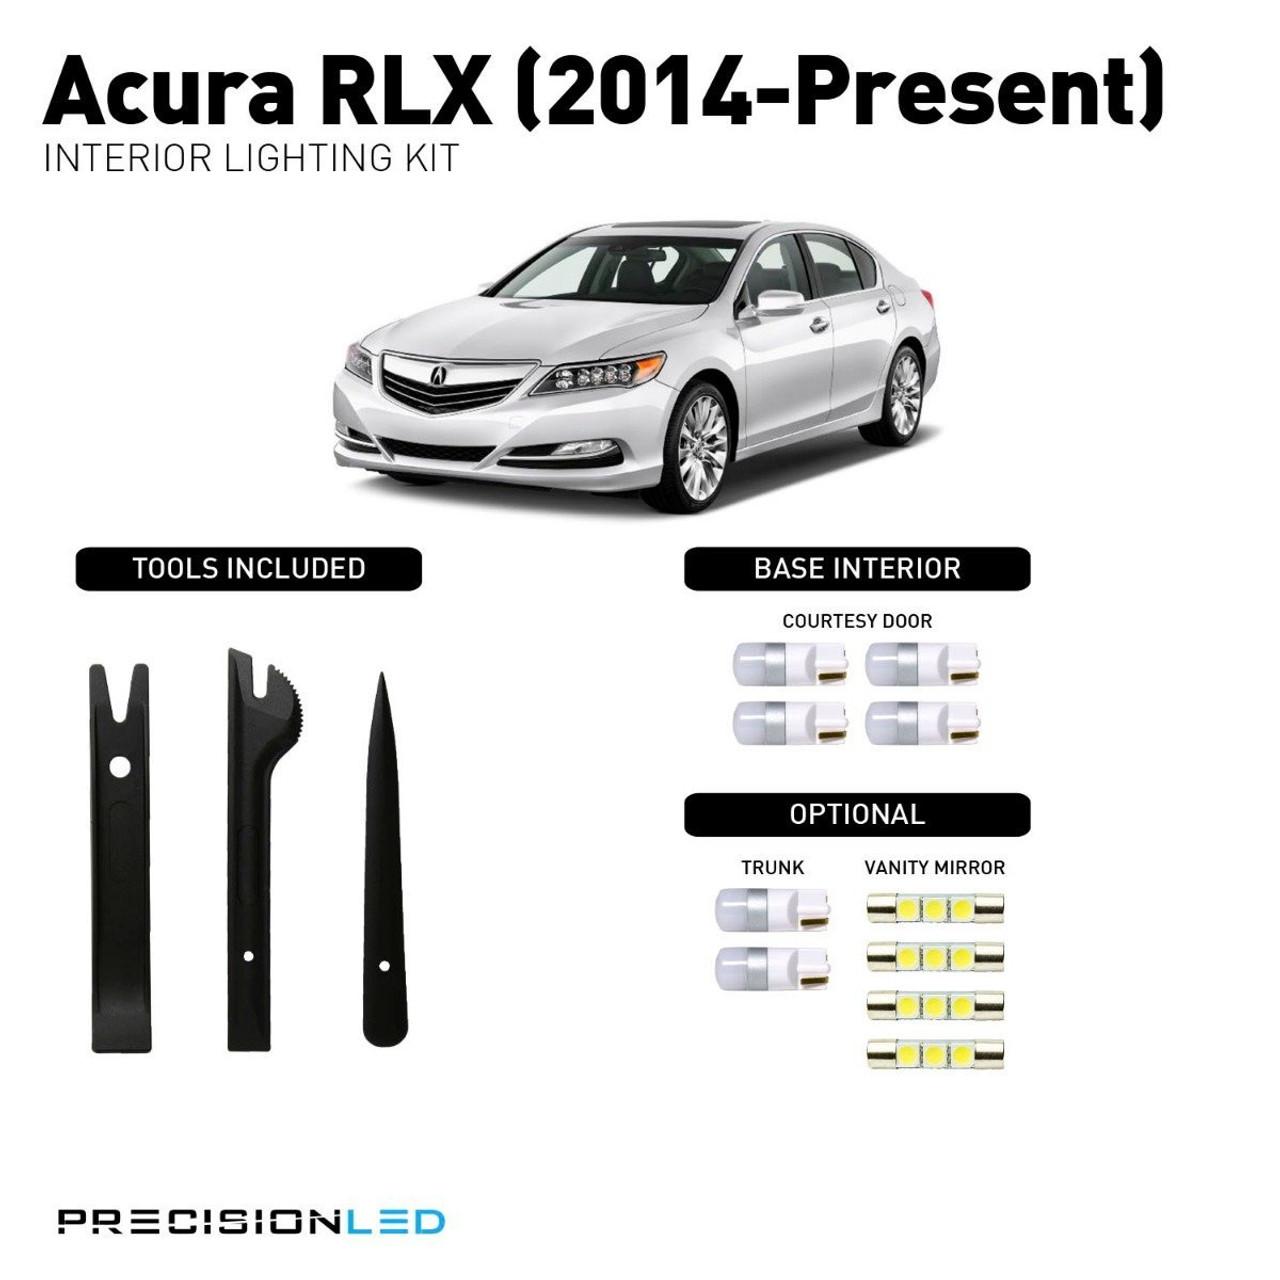 Acura RLX Premium LED Interior Package (2014-Present)